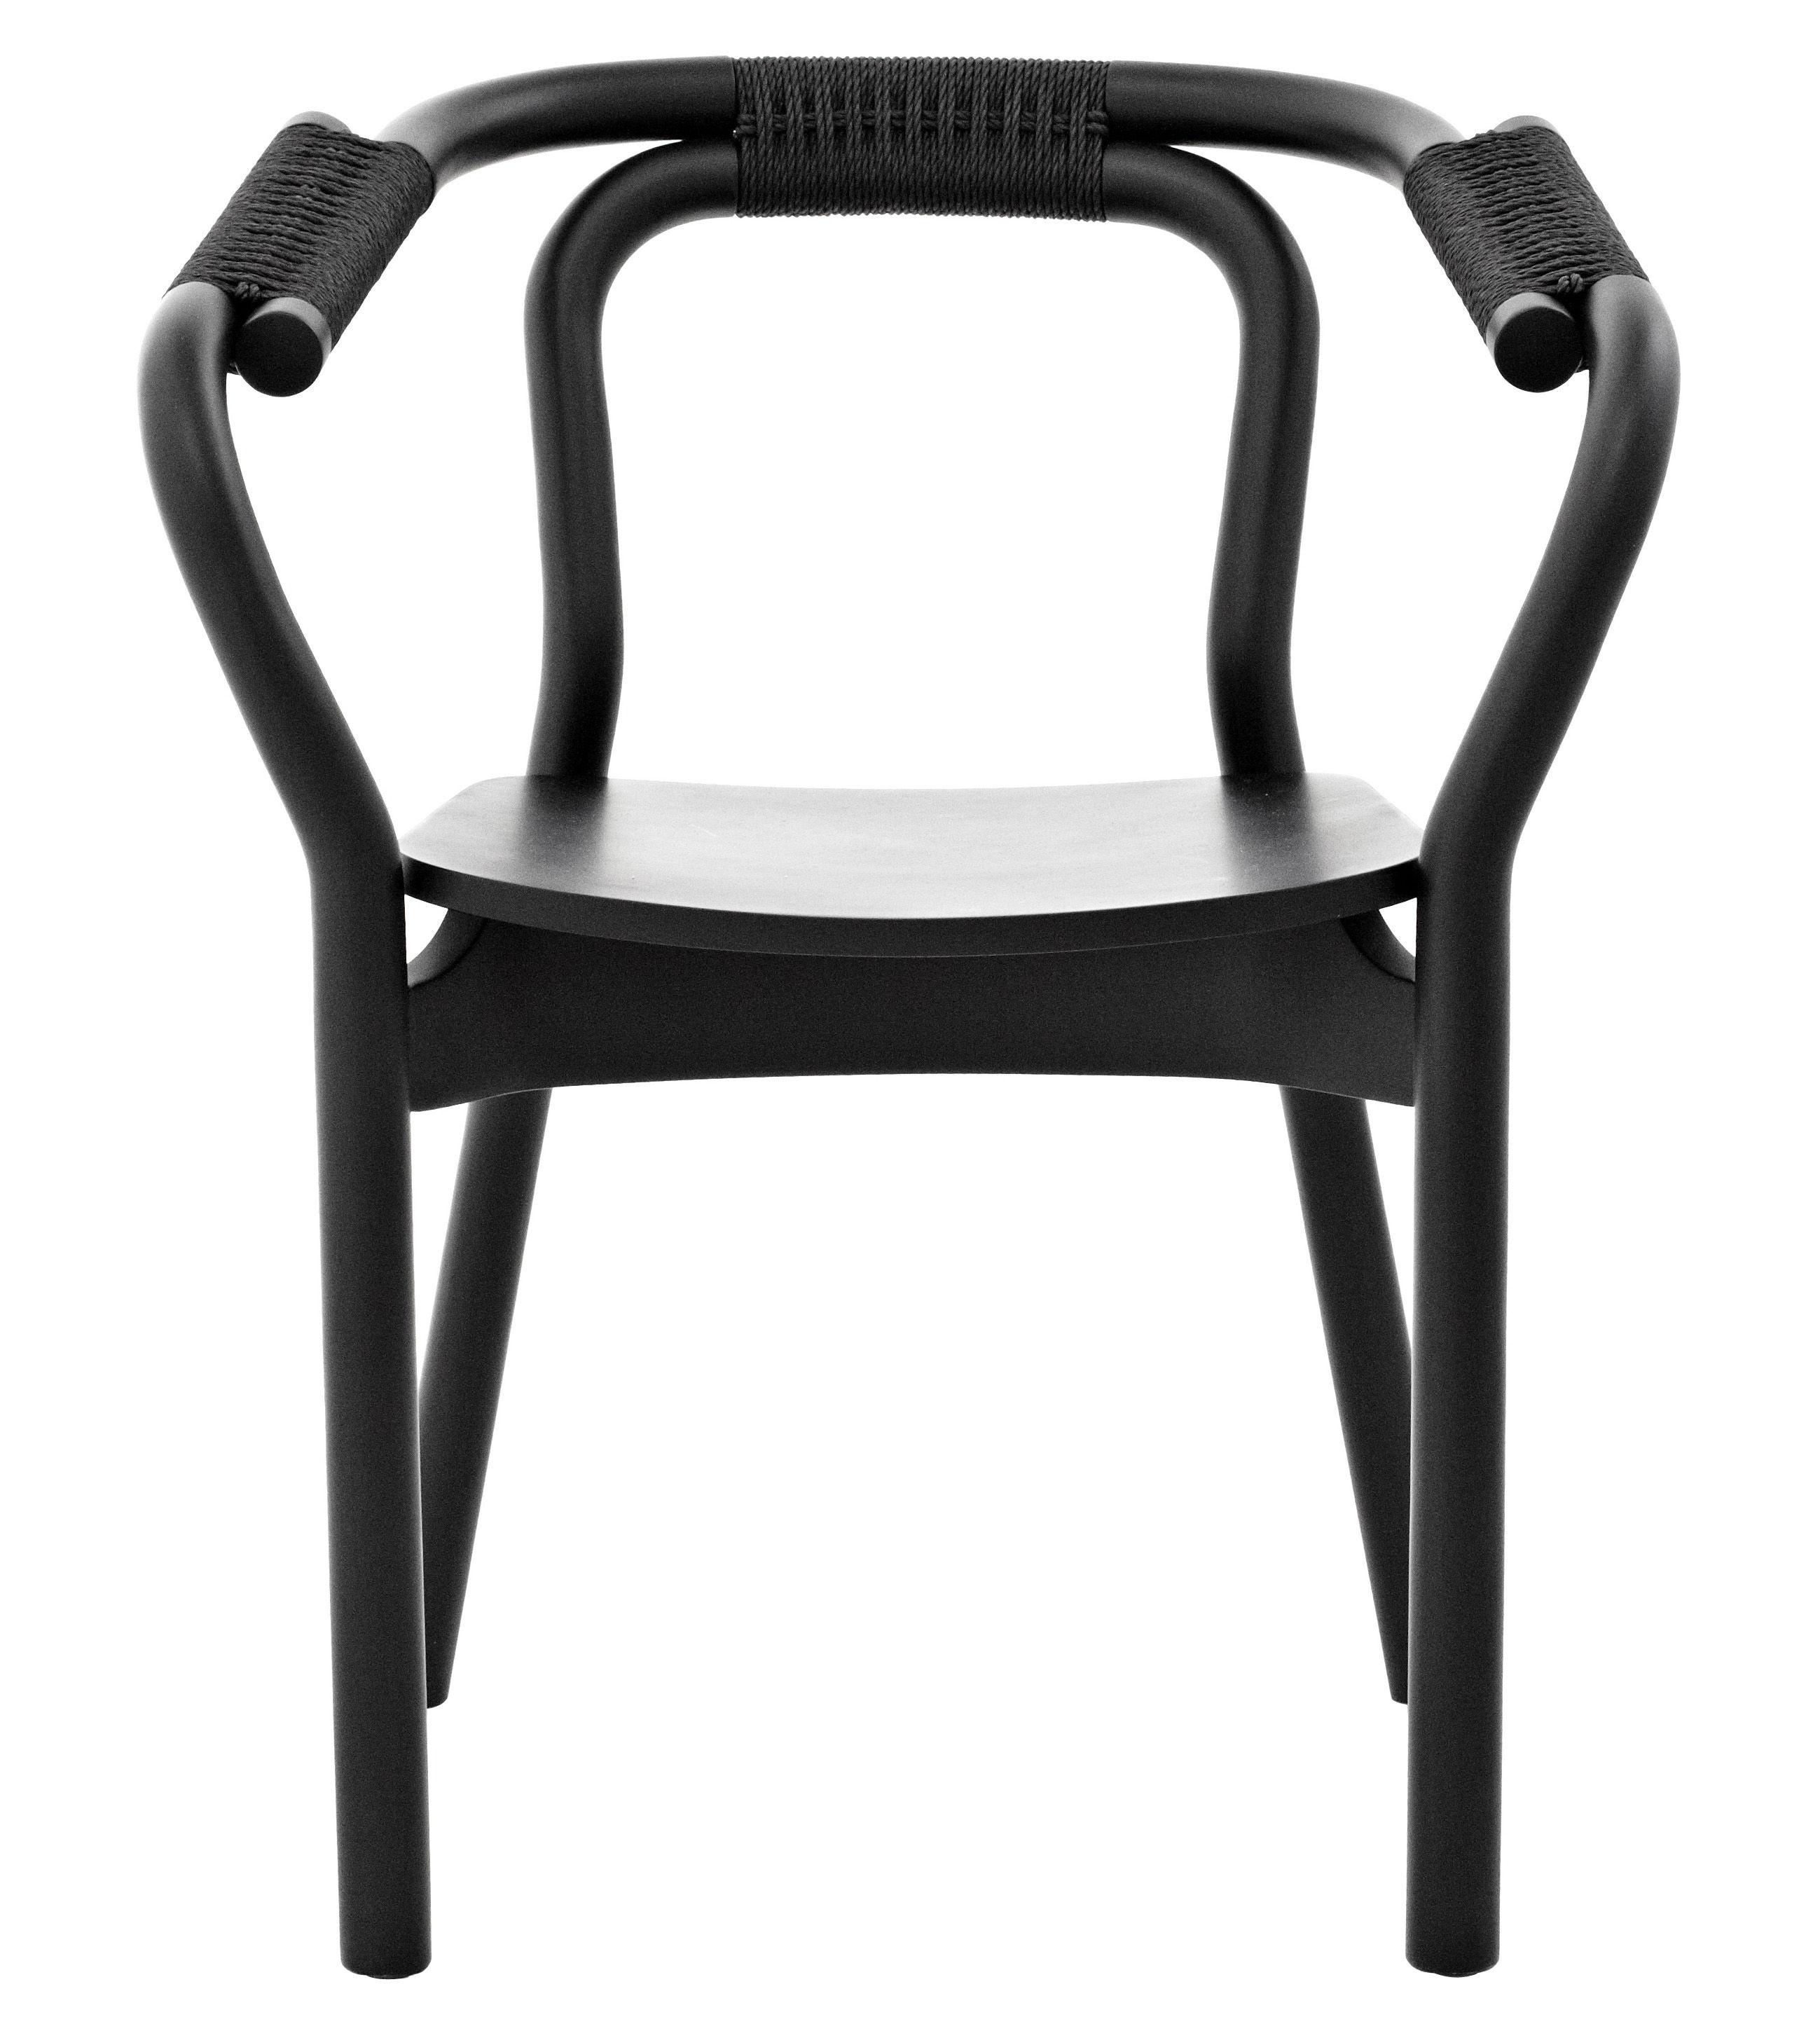 Mobilier - Chaises, fauteuils de salle à manger - Fauteuil Knot / Bois - Normann Copenhagen - Noir/Noir - Fibre végétale, Frêne